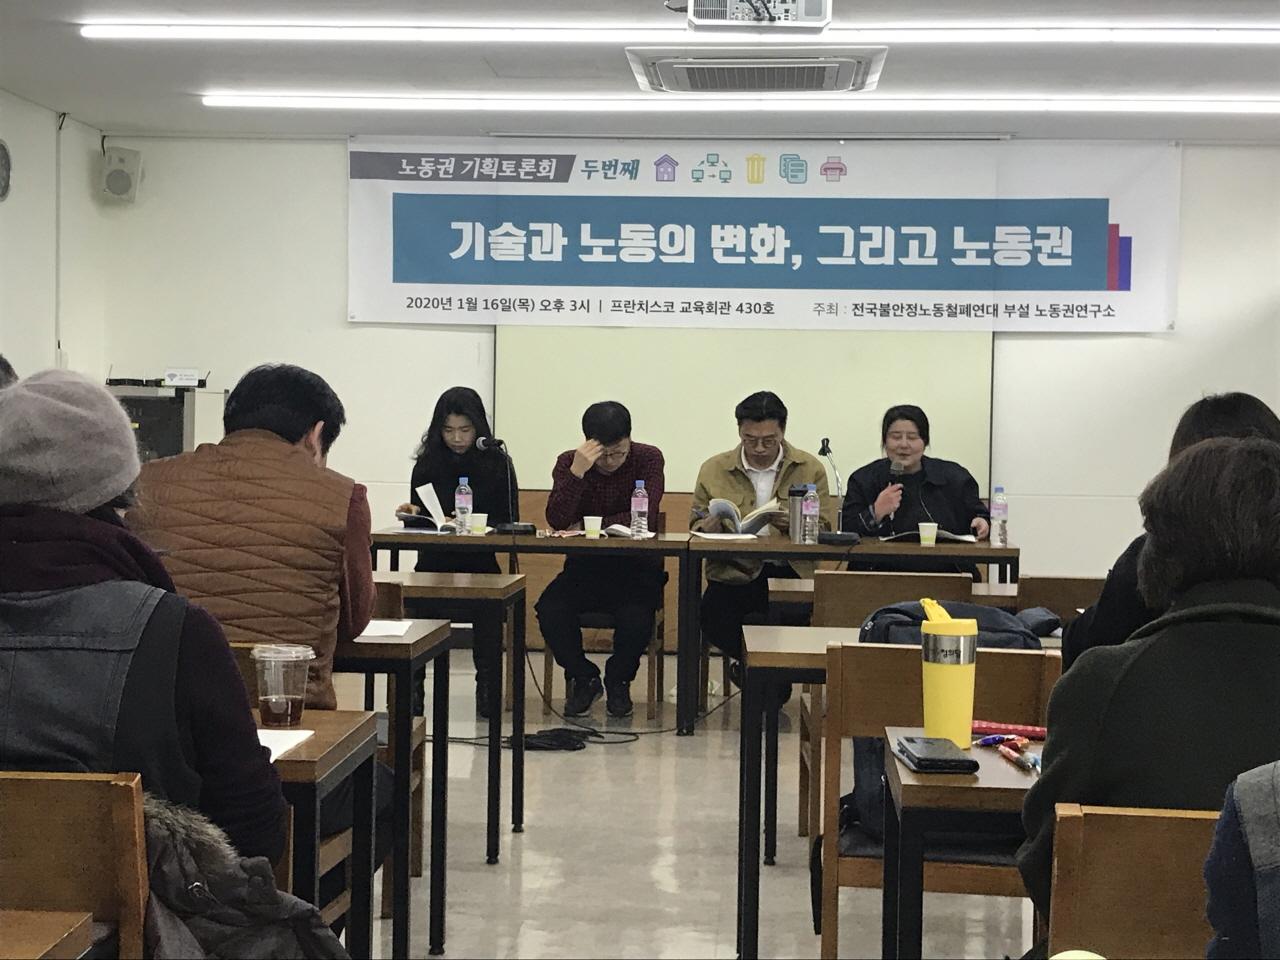 1 2020.1.16. 노동권연구소 기획토론회 현장 [출처 철폐연대].JPG